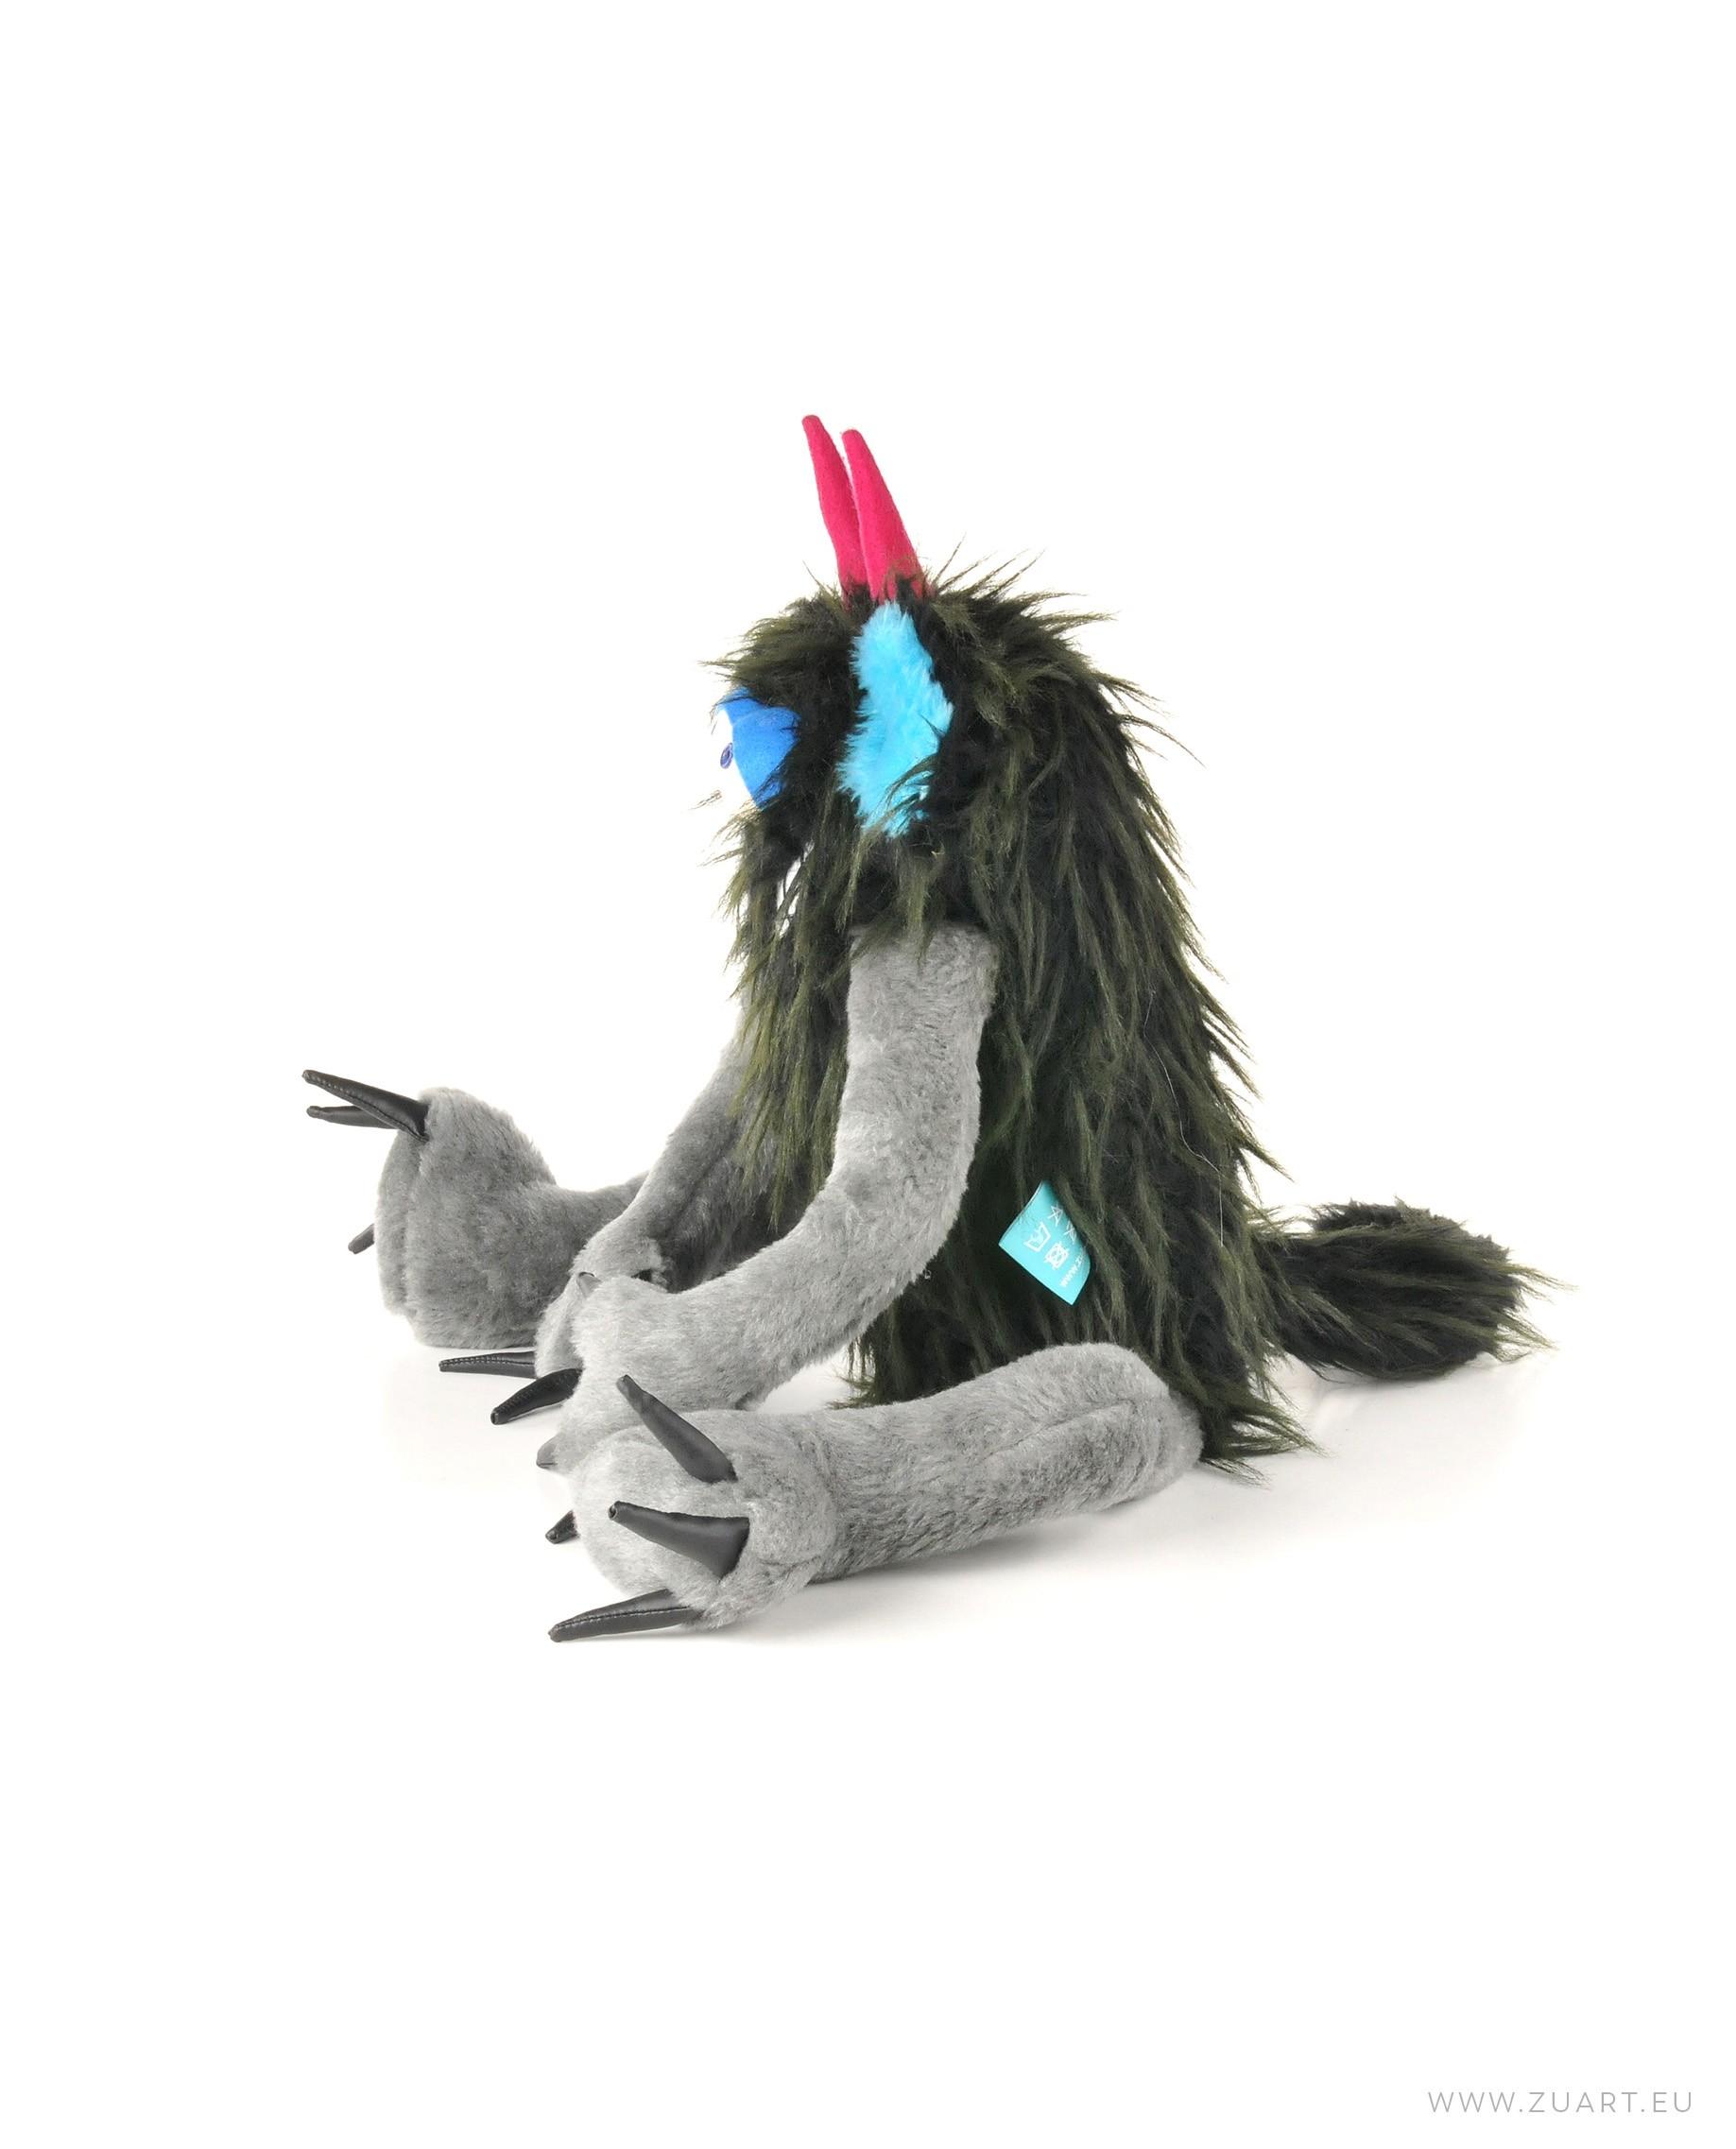 zuart_handmade_toys_zabawka_bury_potwor_2